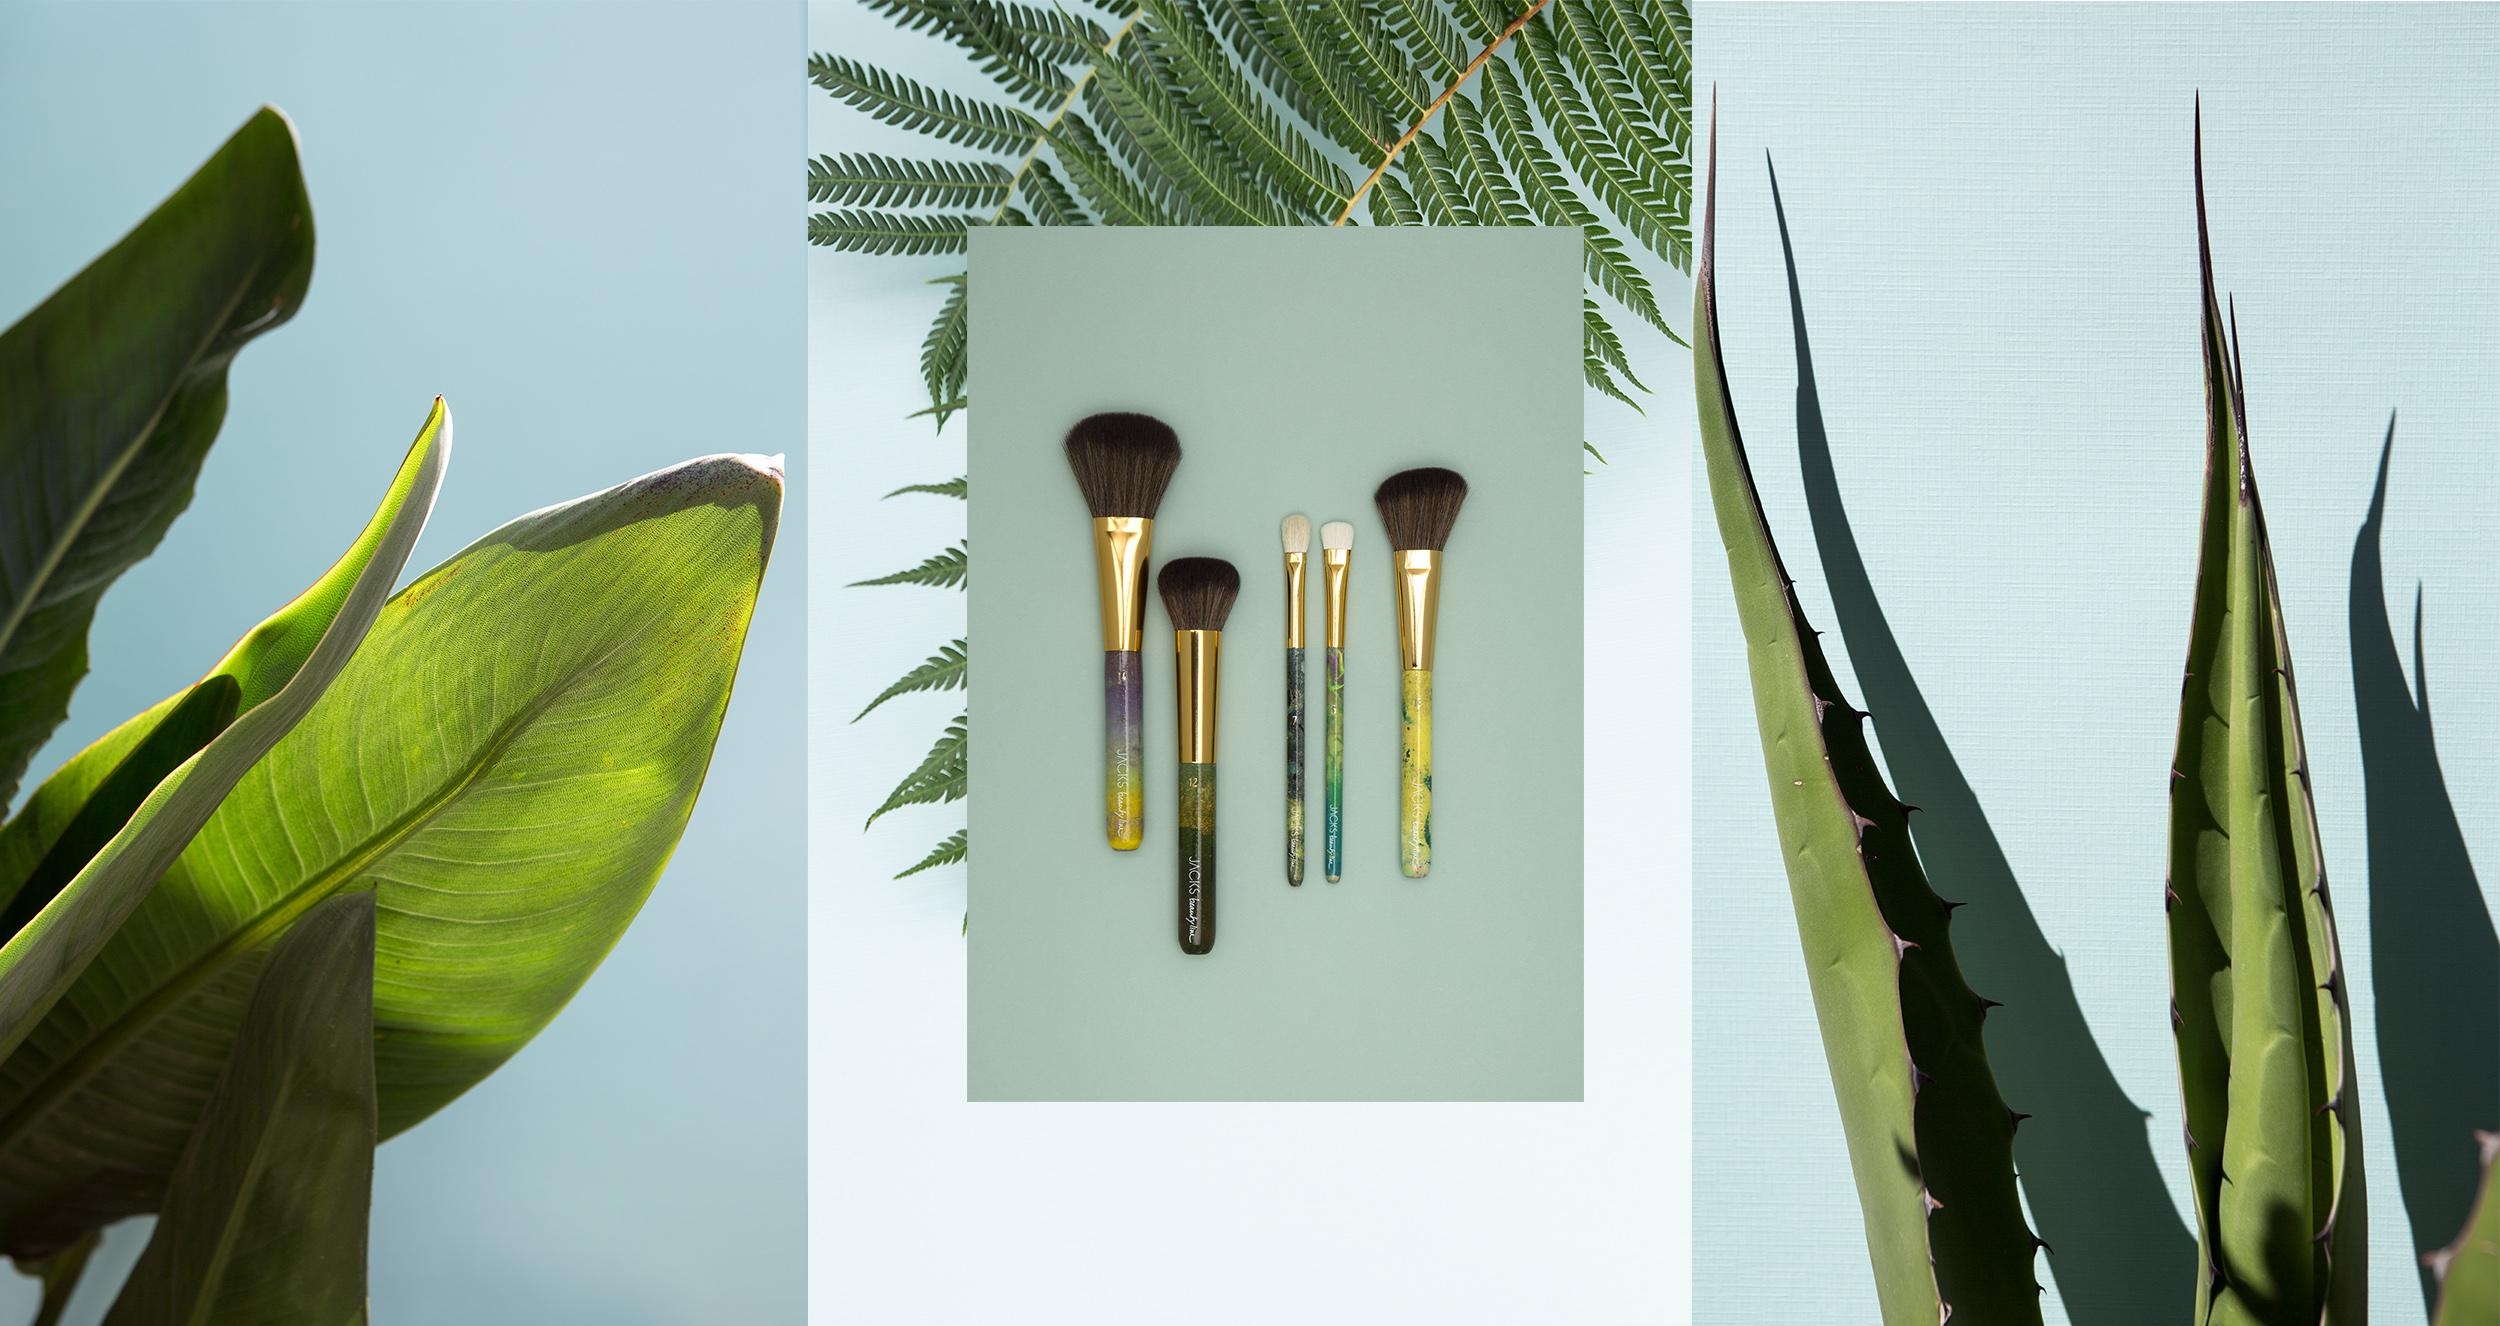 JACKS_beauty-Line_Schminkpinsel_Makeup:jacobreischel.jpg